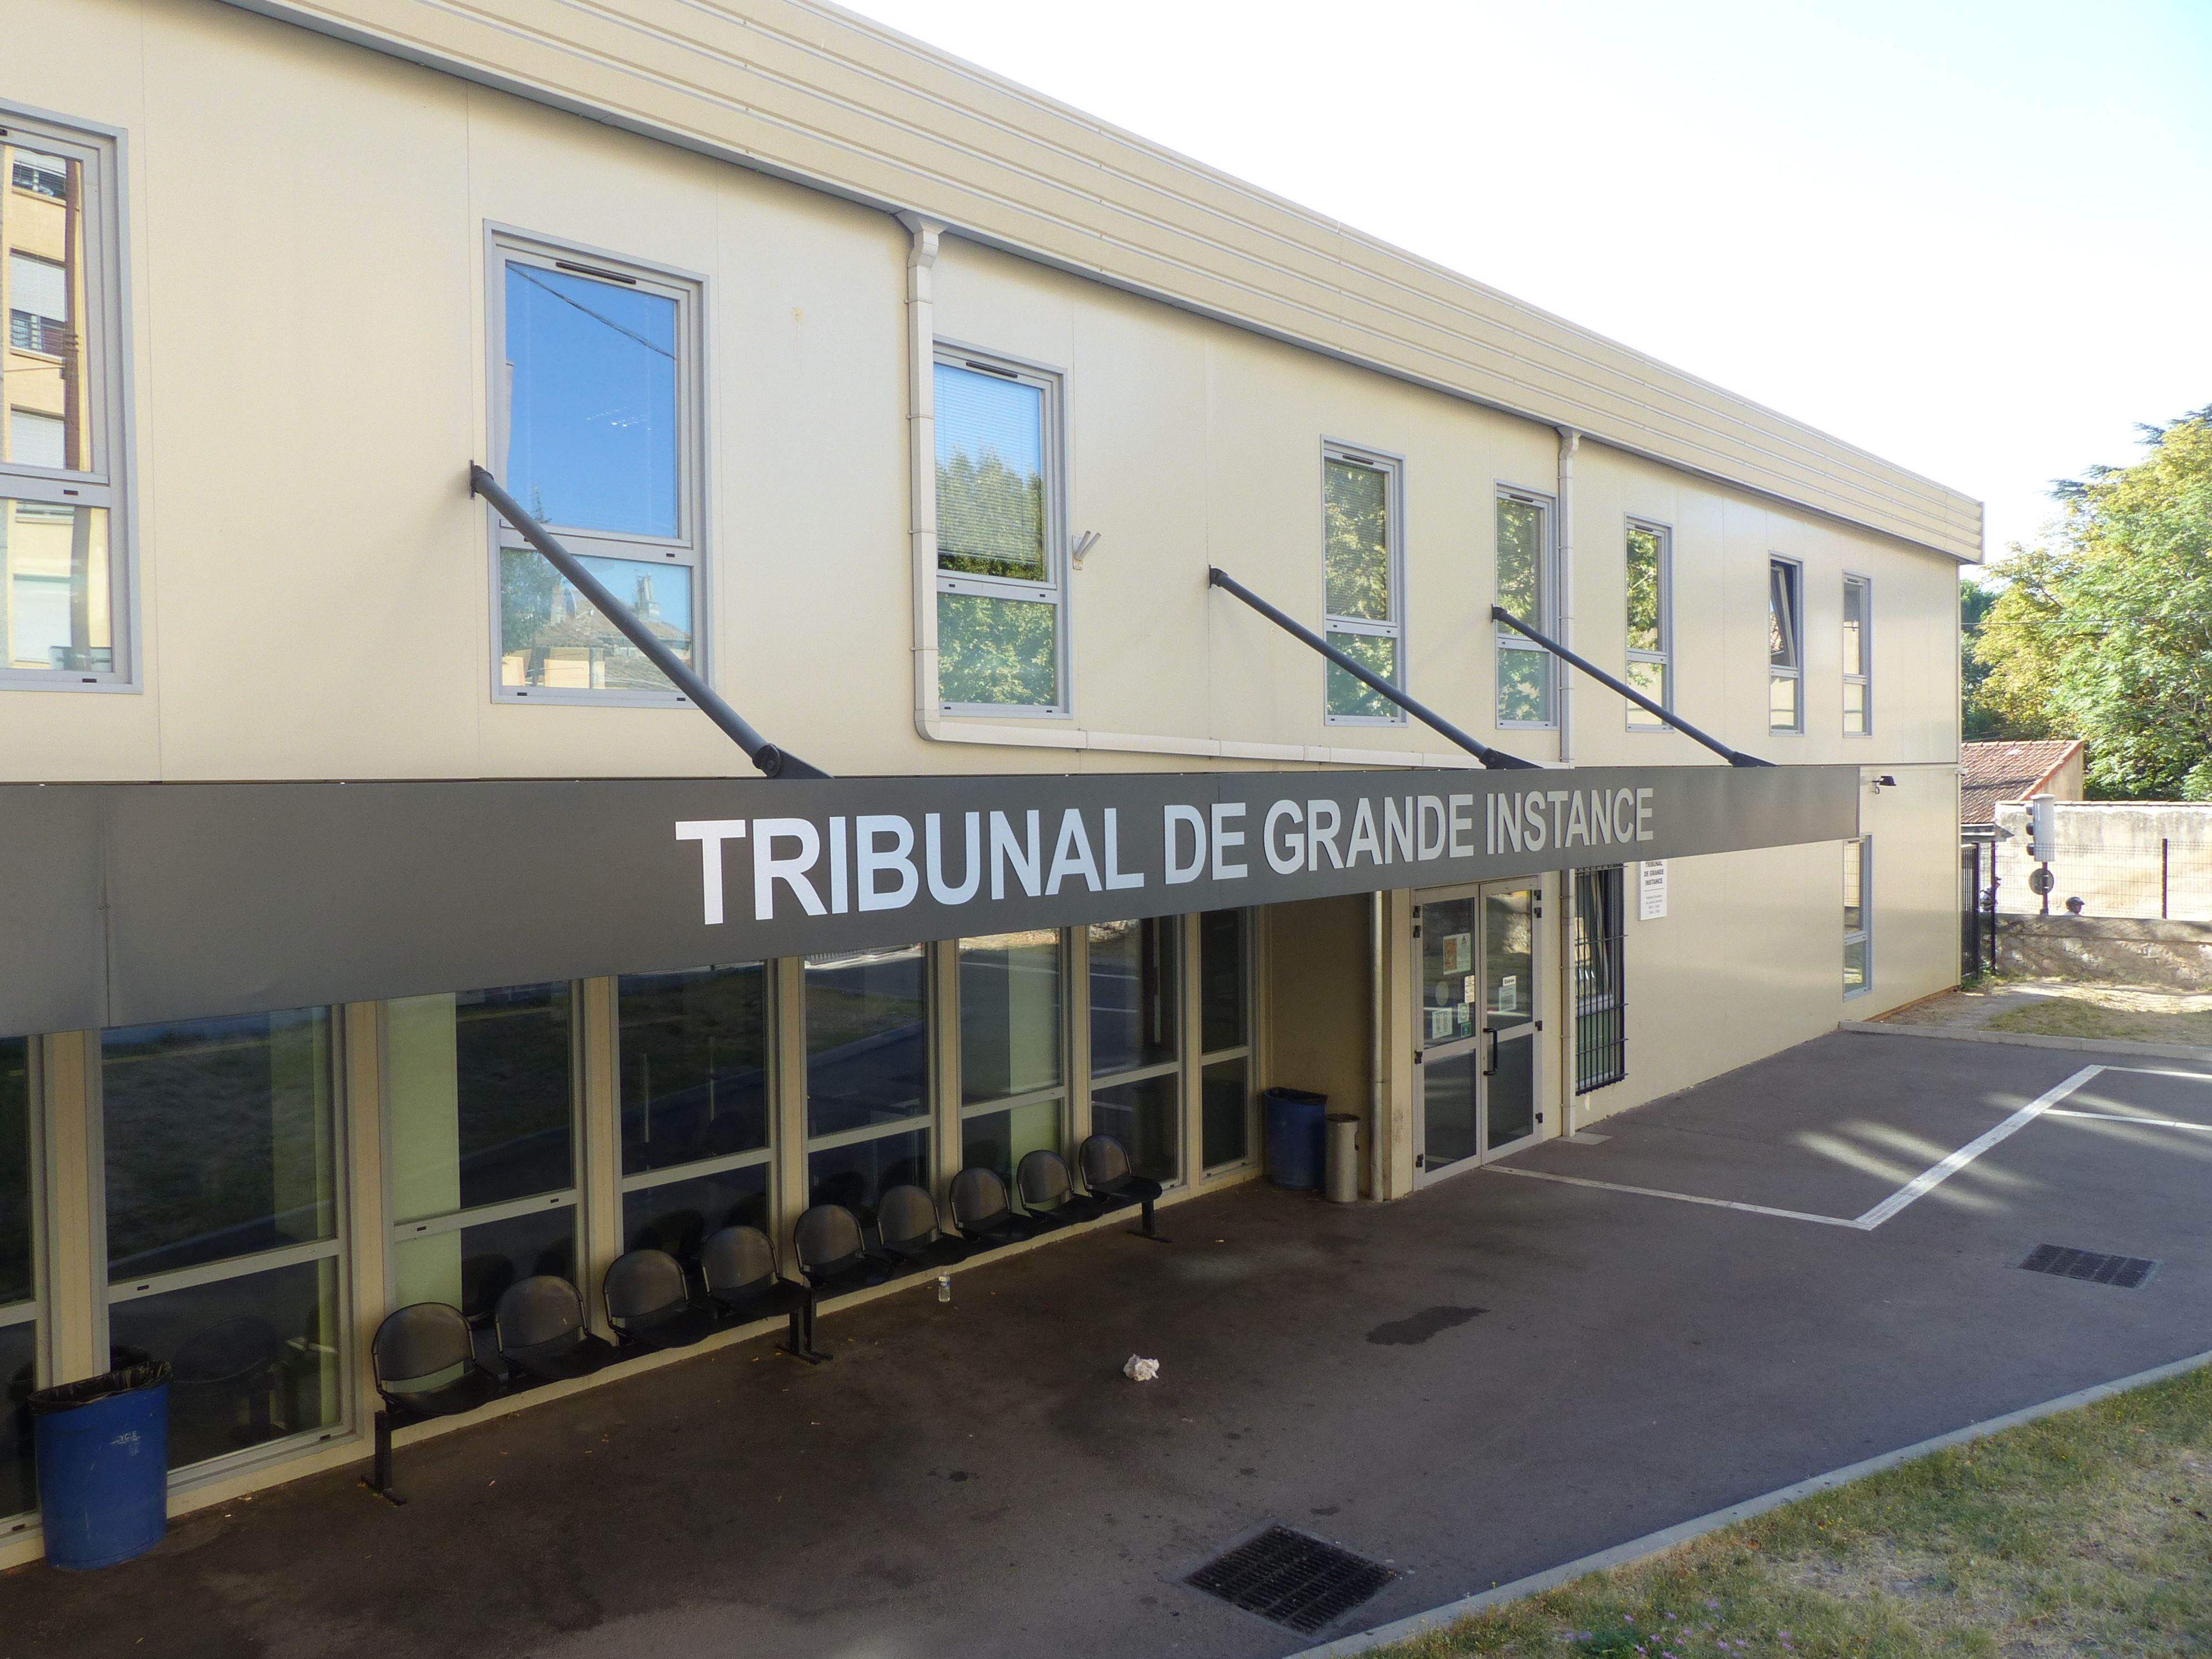 Hugo patrimoine des lieux de justice for Tribunal d instance salon de provence